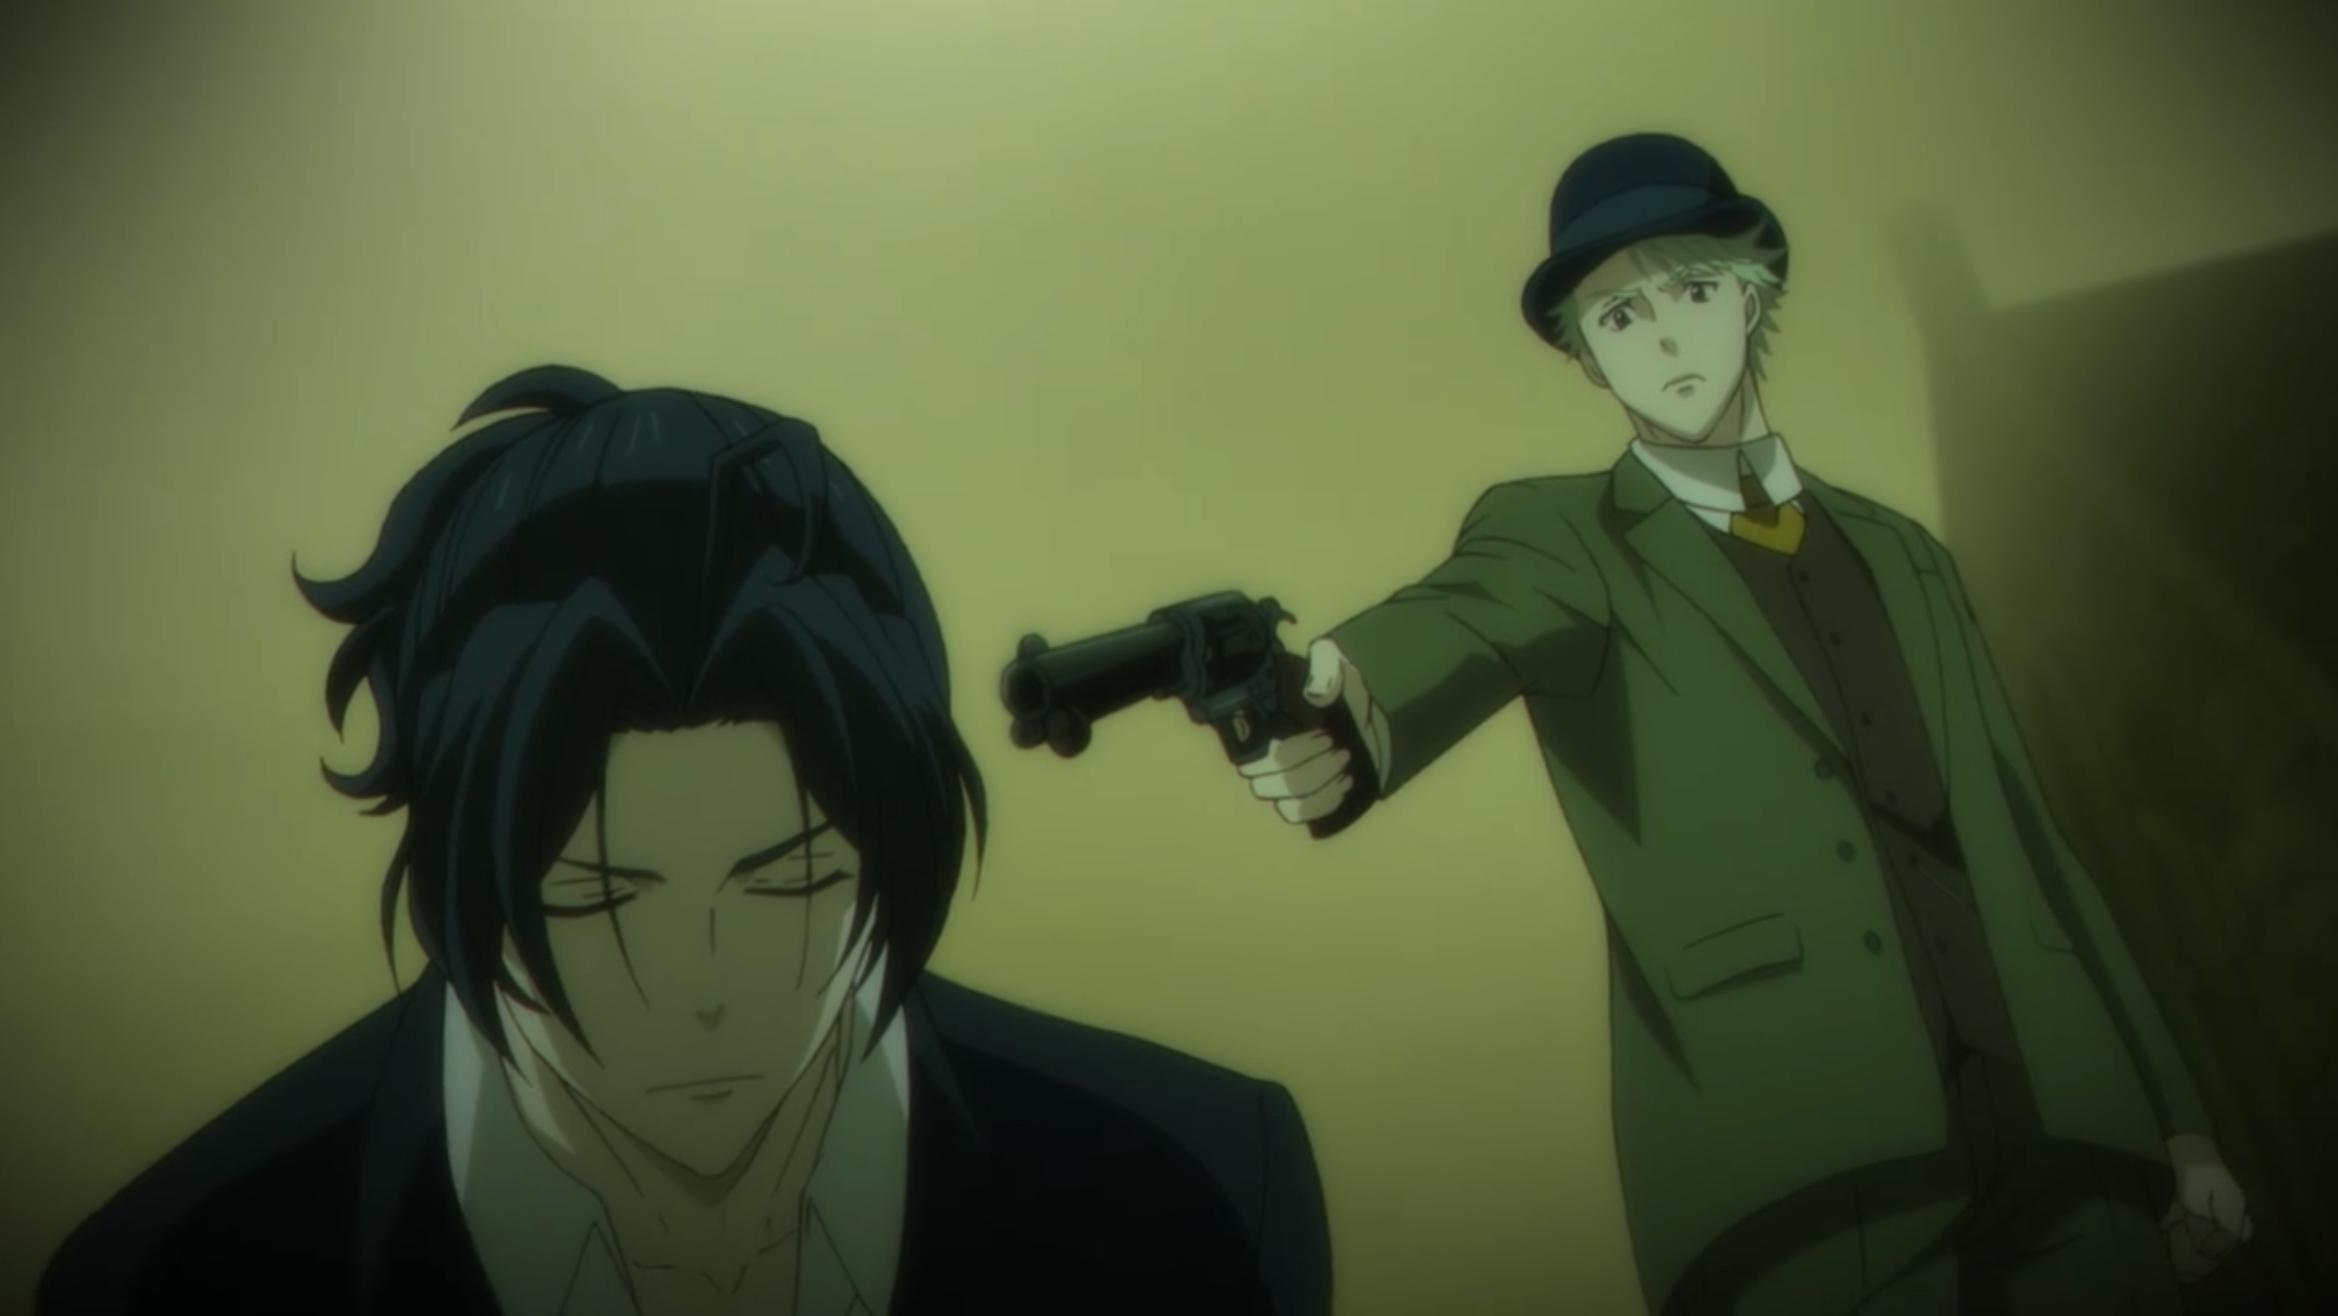 TVアニメ「憂国のモリアーティ」9話感想 シャーロックは濡れ衣をはらすため単独捜査を開始!ウィリアムが仕掛ける取引とは